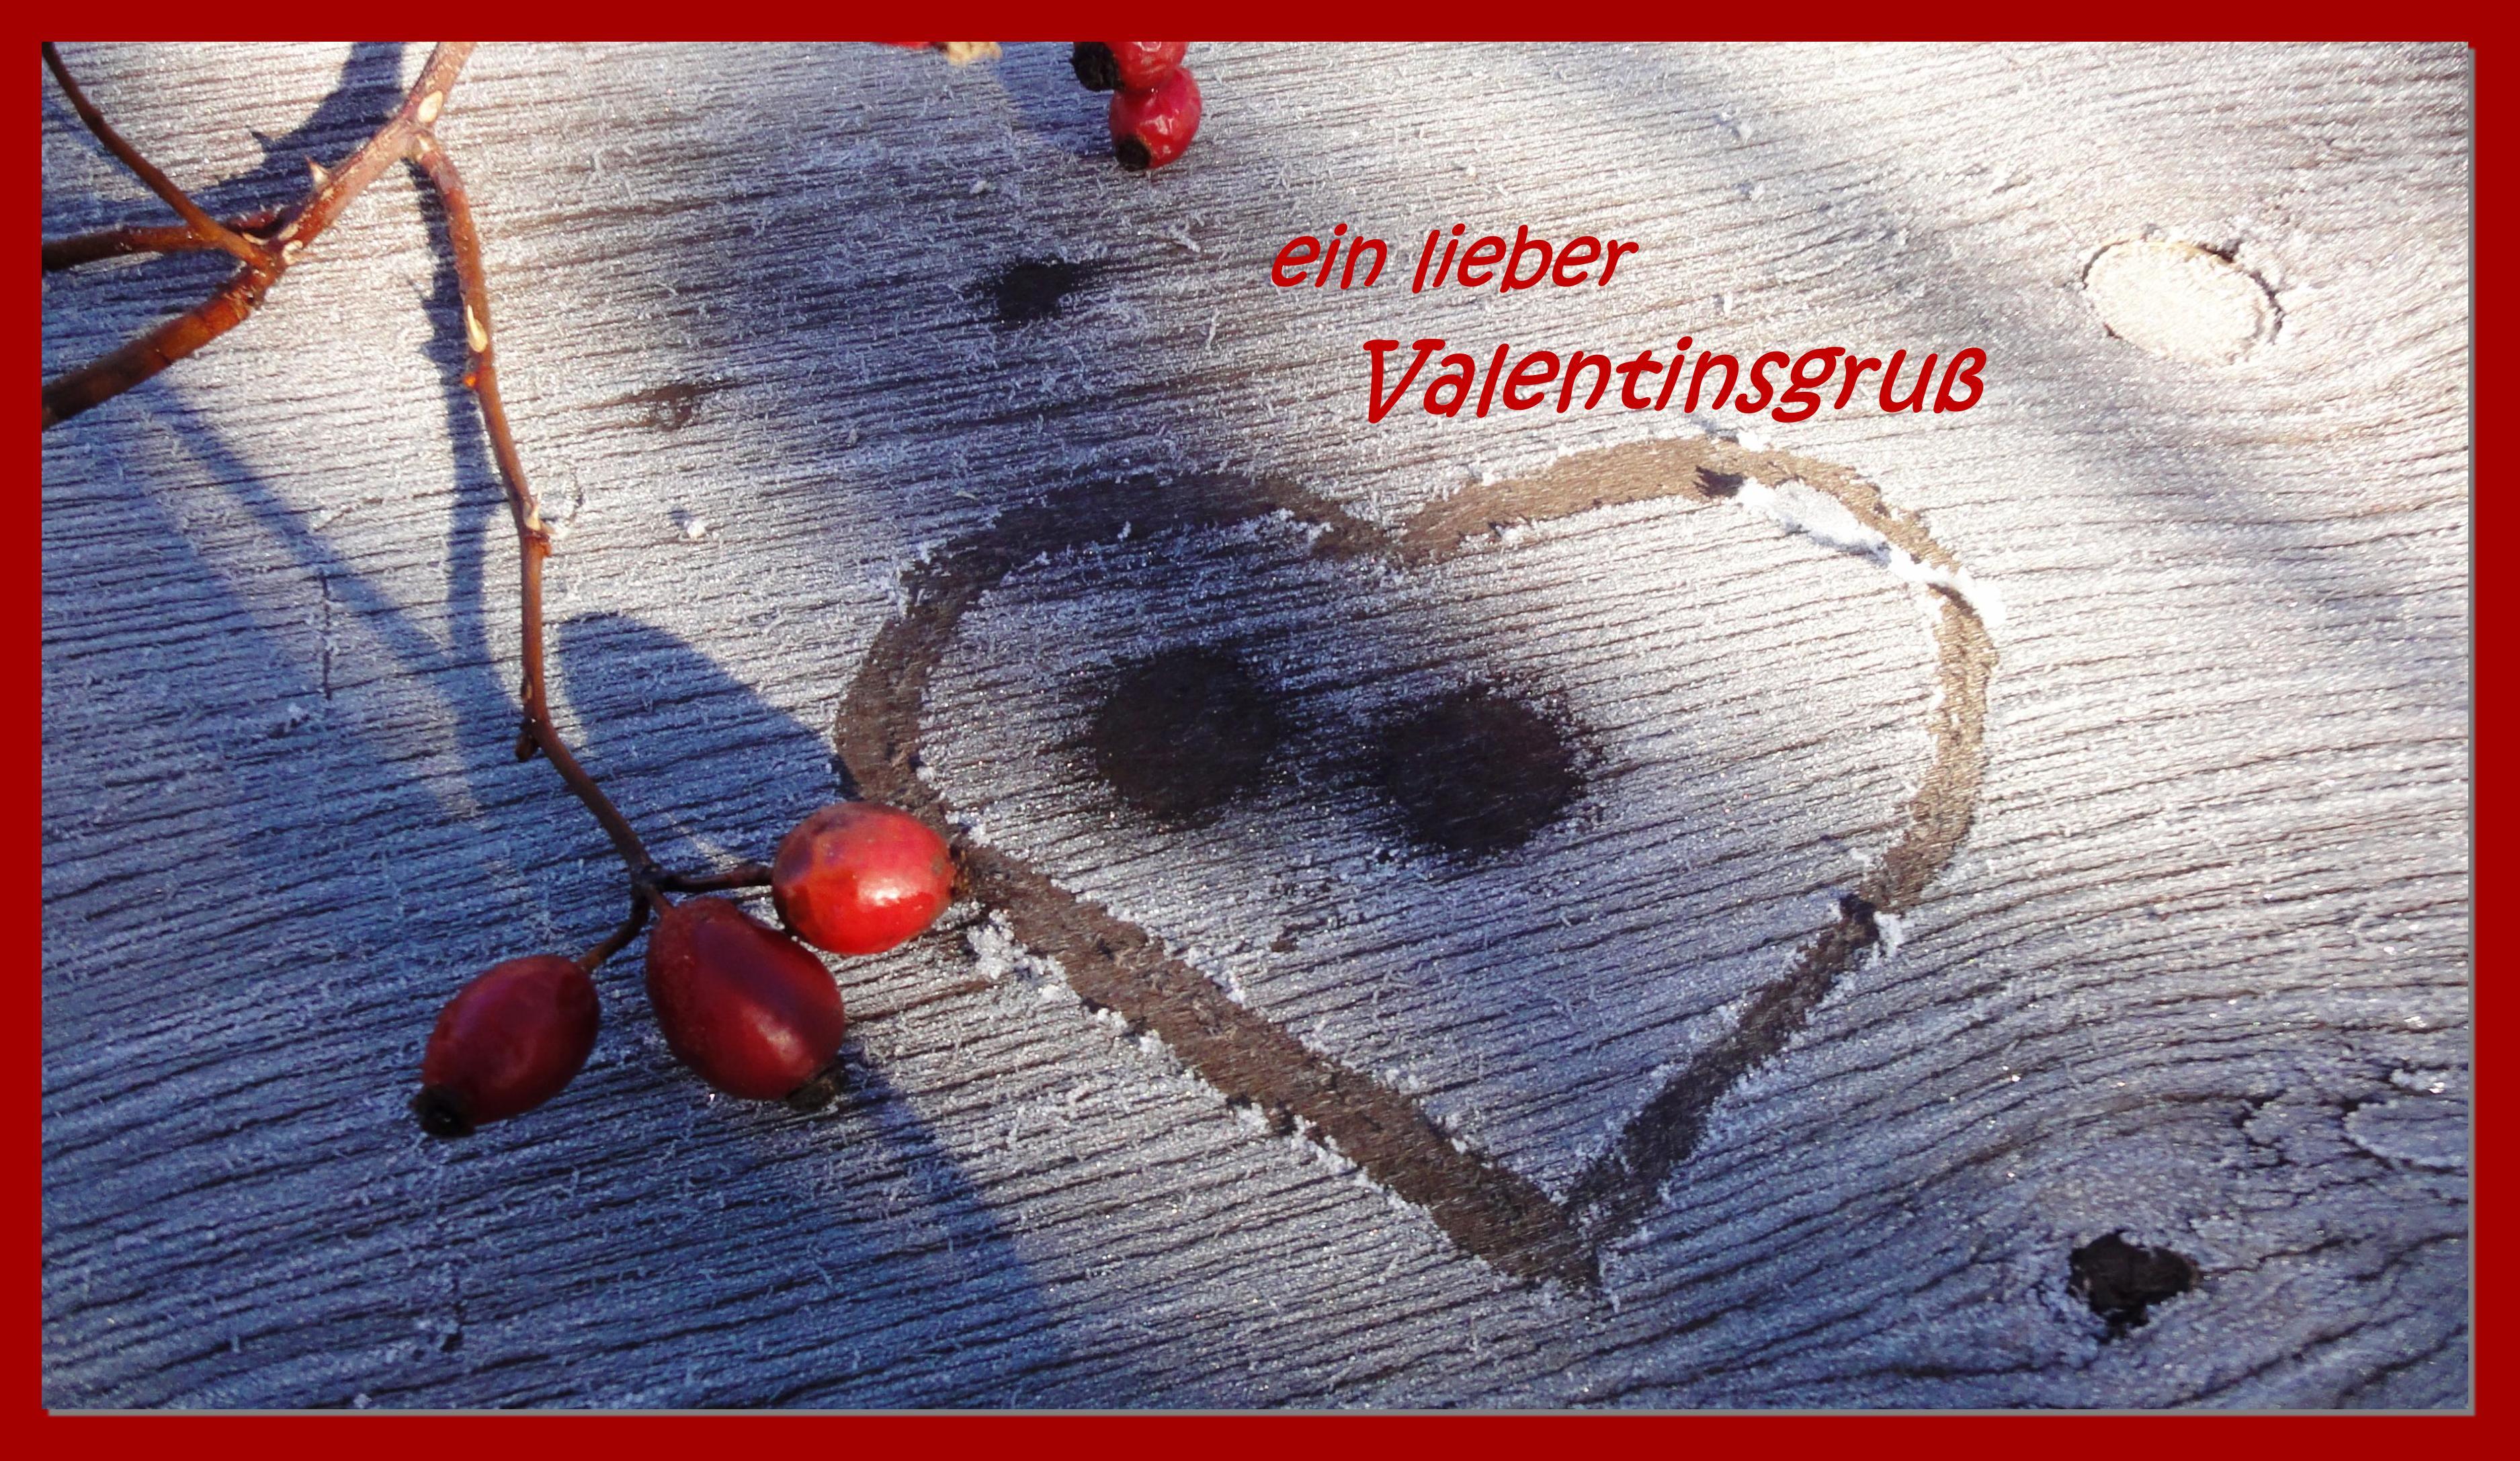 Schön Wünsche Allen Meinen Lesern Eine Liebevollen Valentinstag!